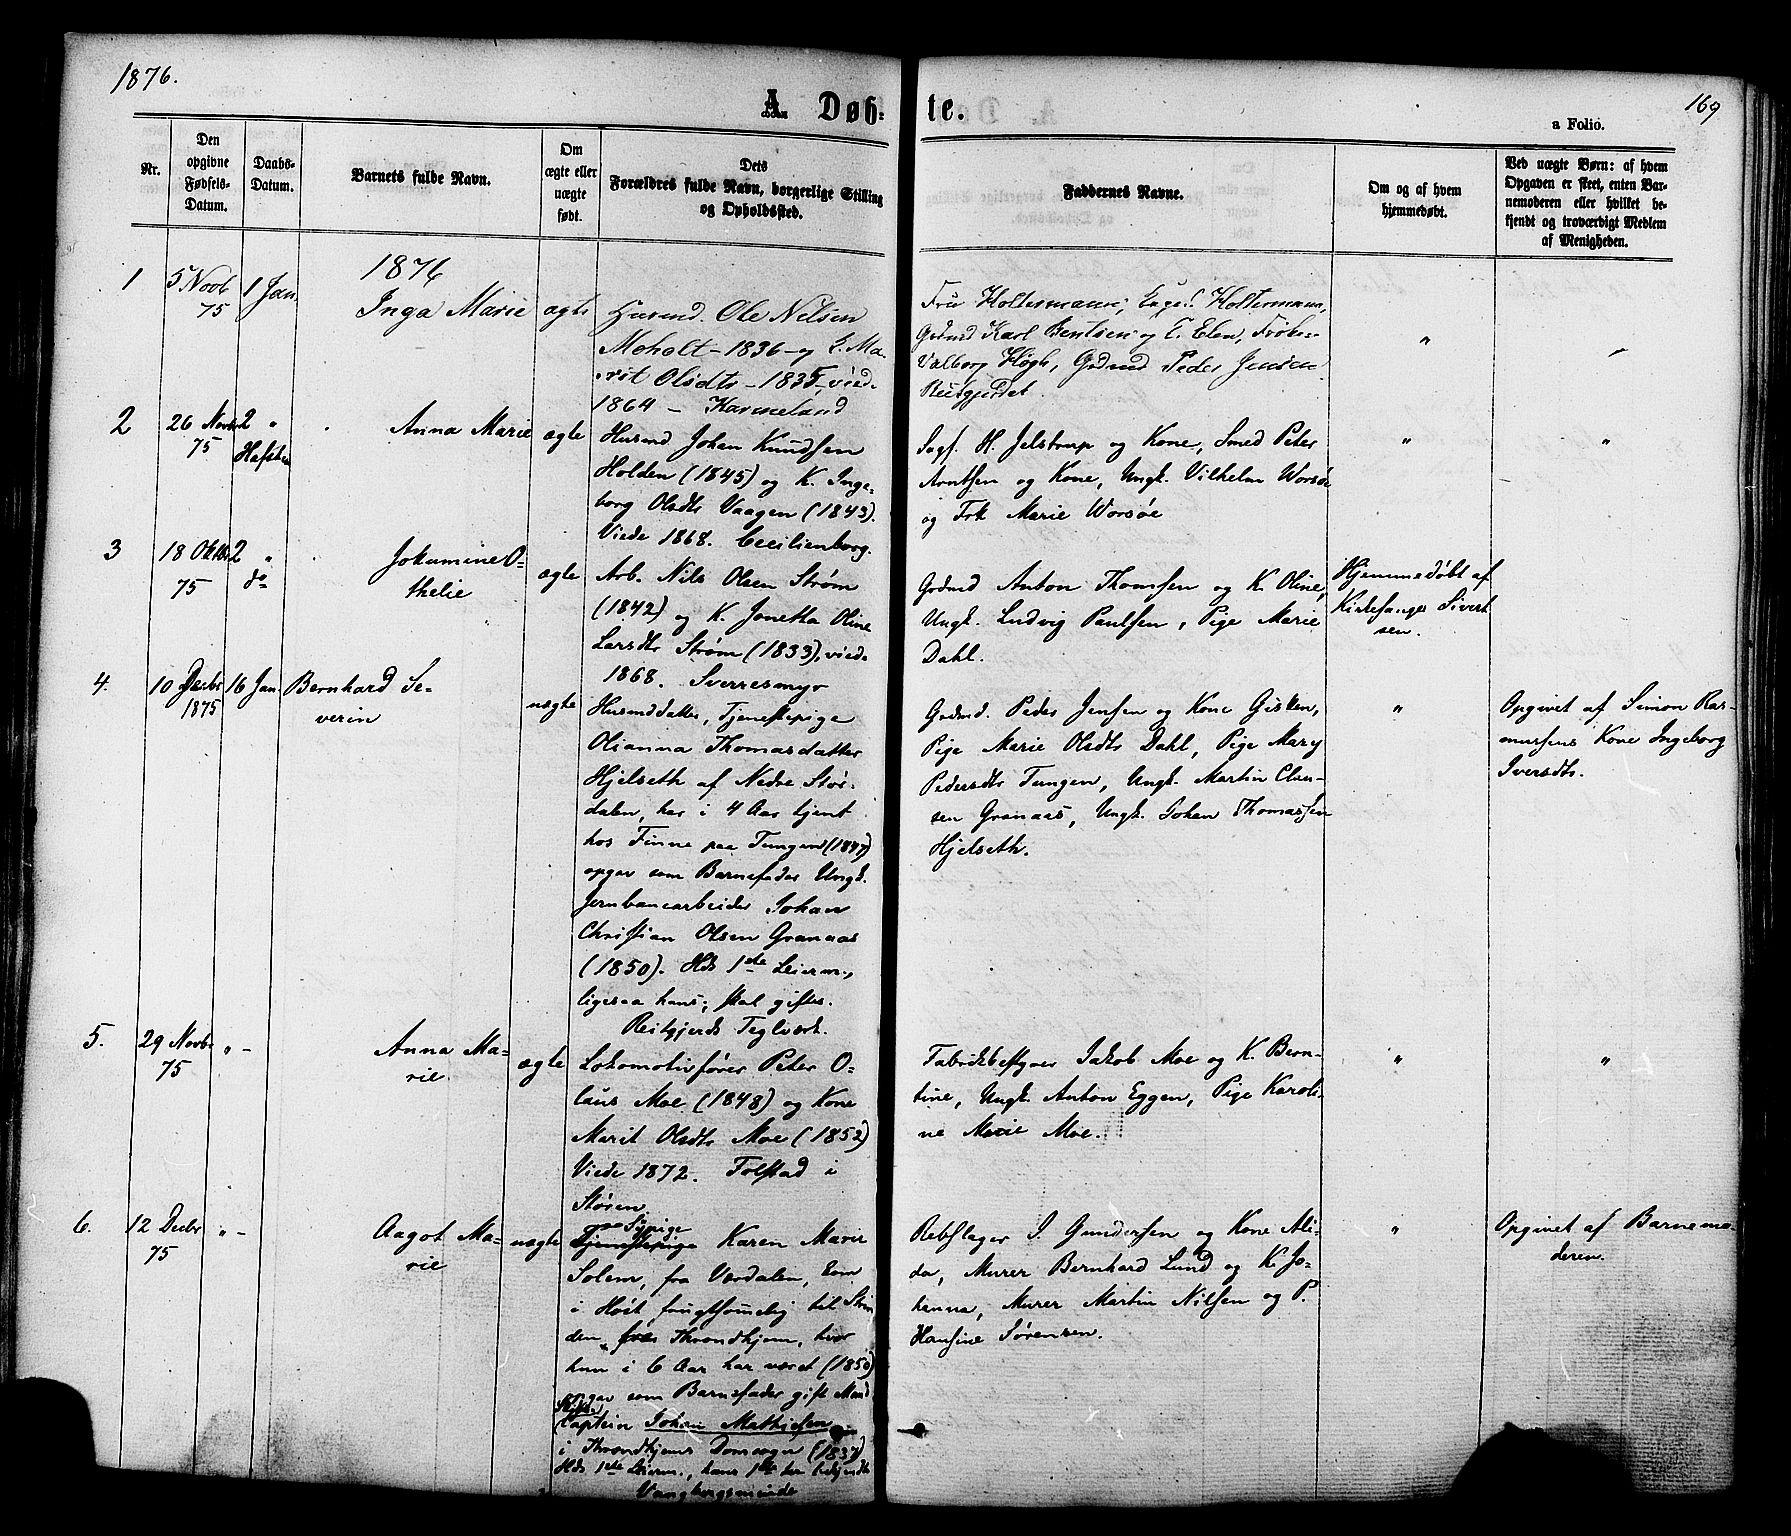 SAT, Ministerialprotokoller, klokkerbøker og fødselsregistre - Sør-Trøndelag, 606/L0293: Ministerialbok nr. 606A08, 1866-1877, s. 169